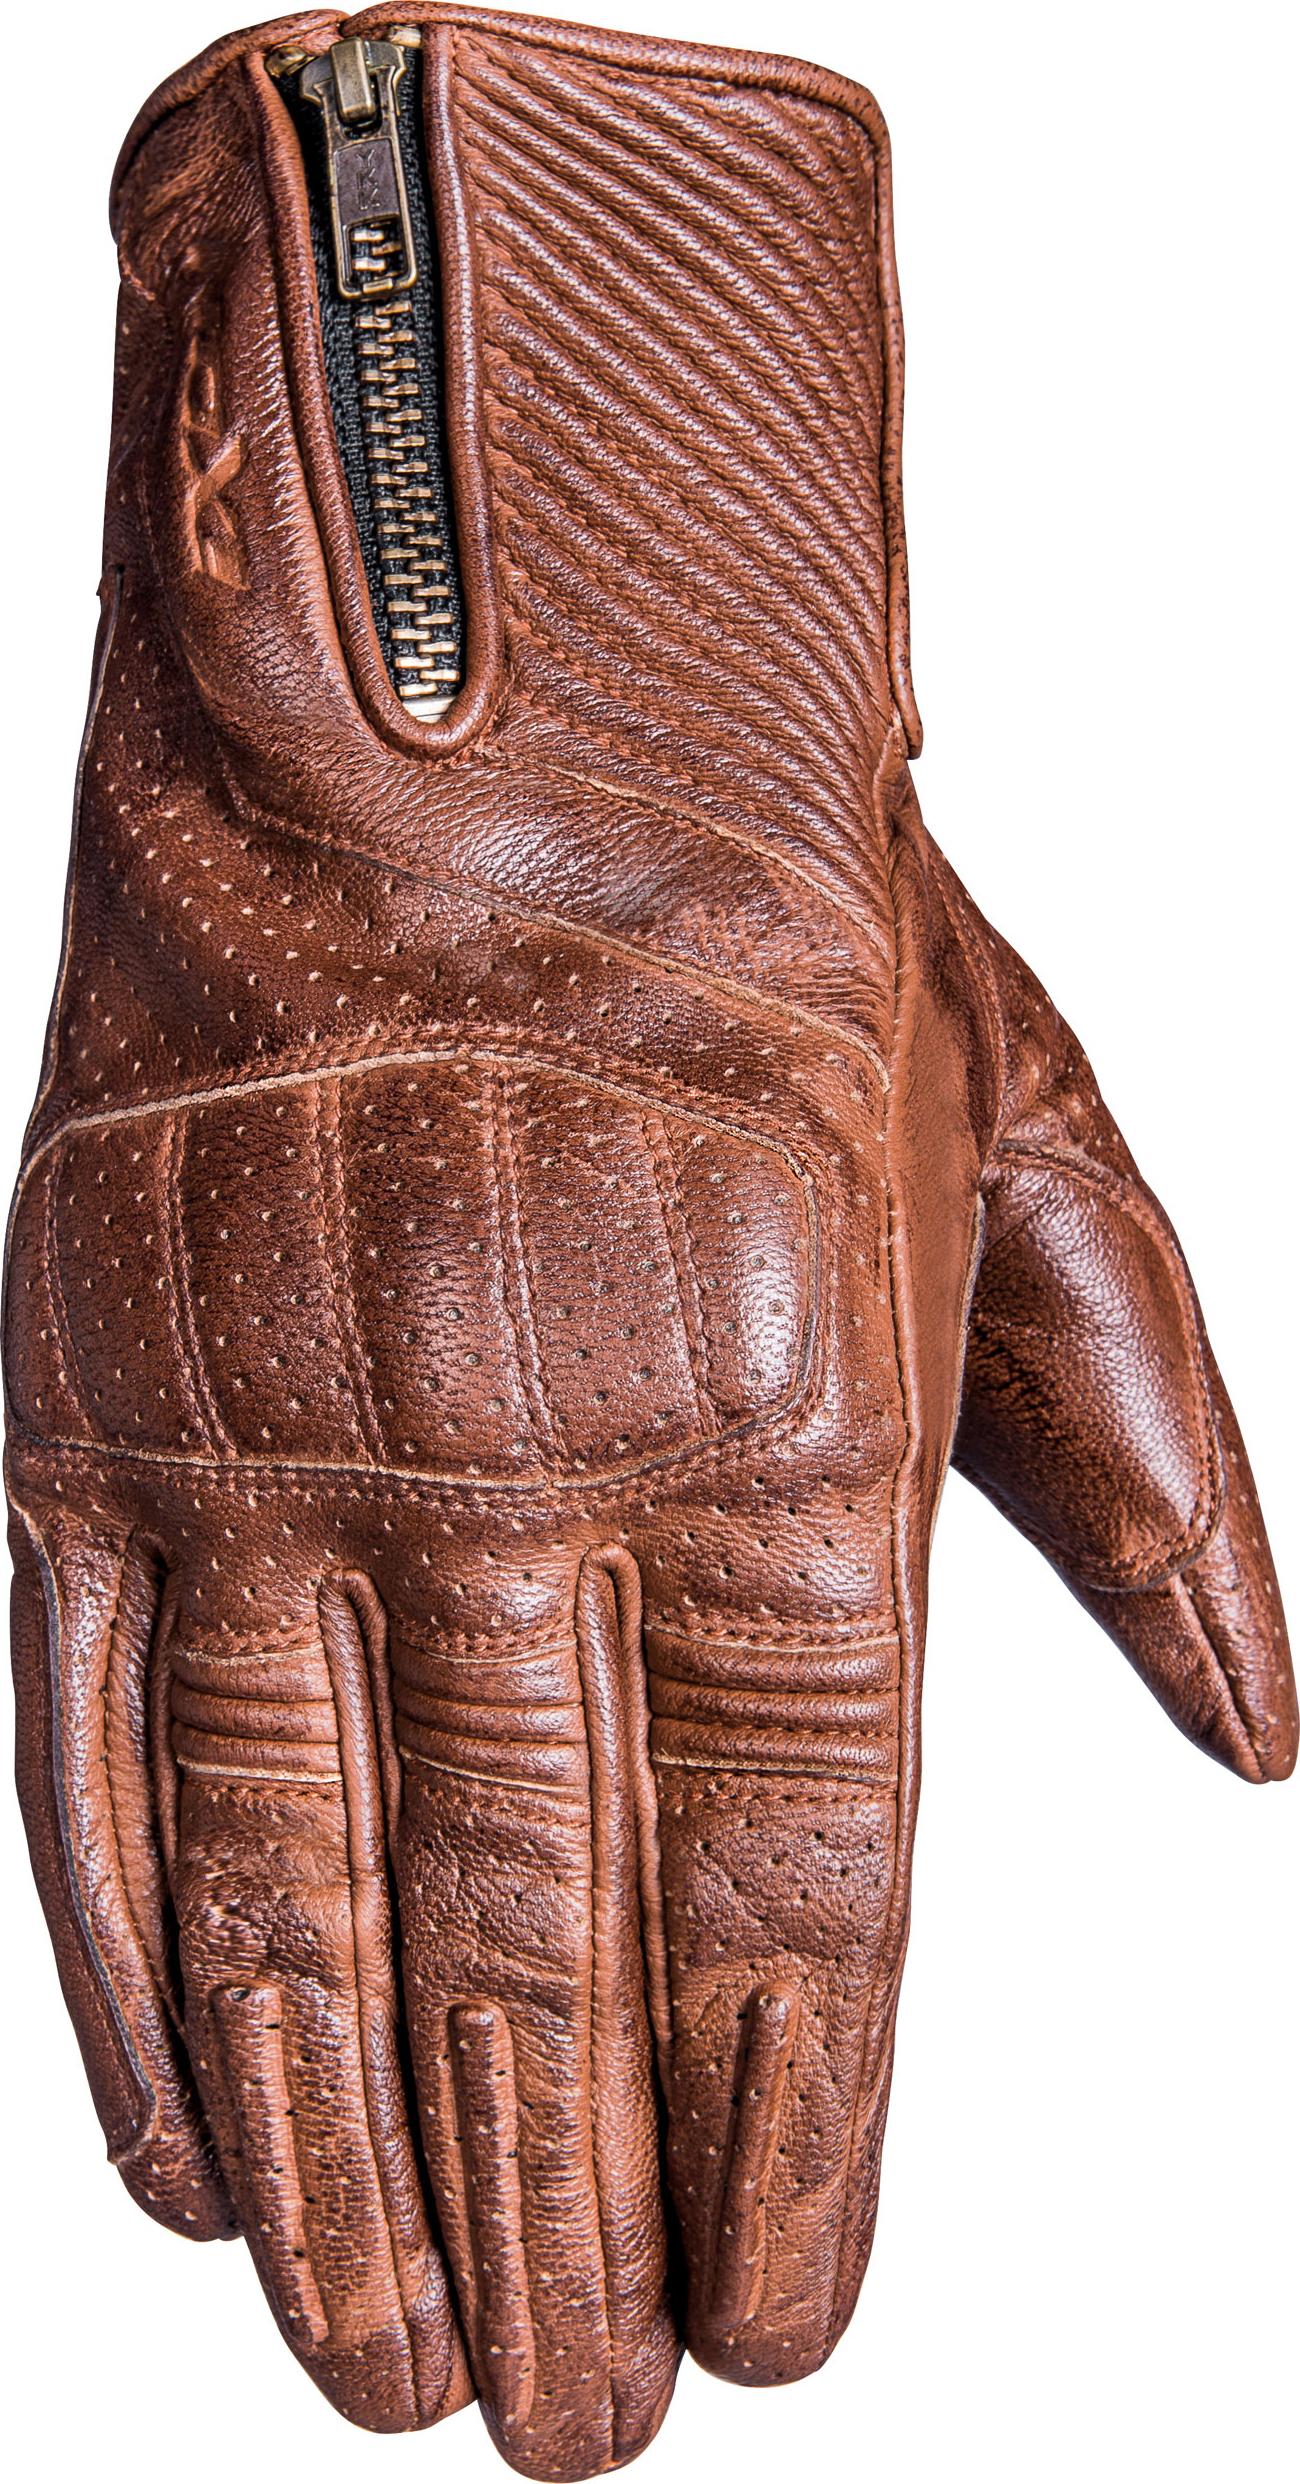 Ixon RS Rocker, Handschuhe - Braun - XXL 31381704